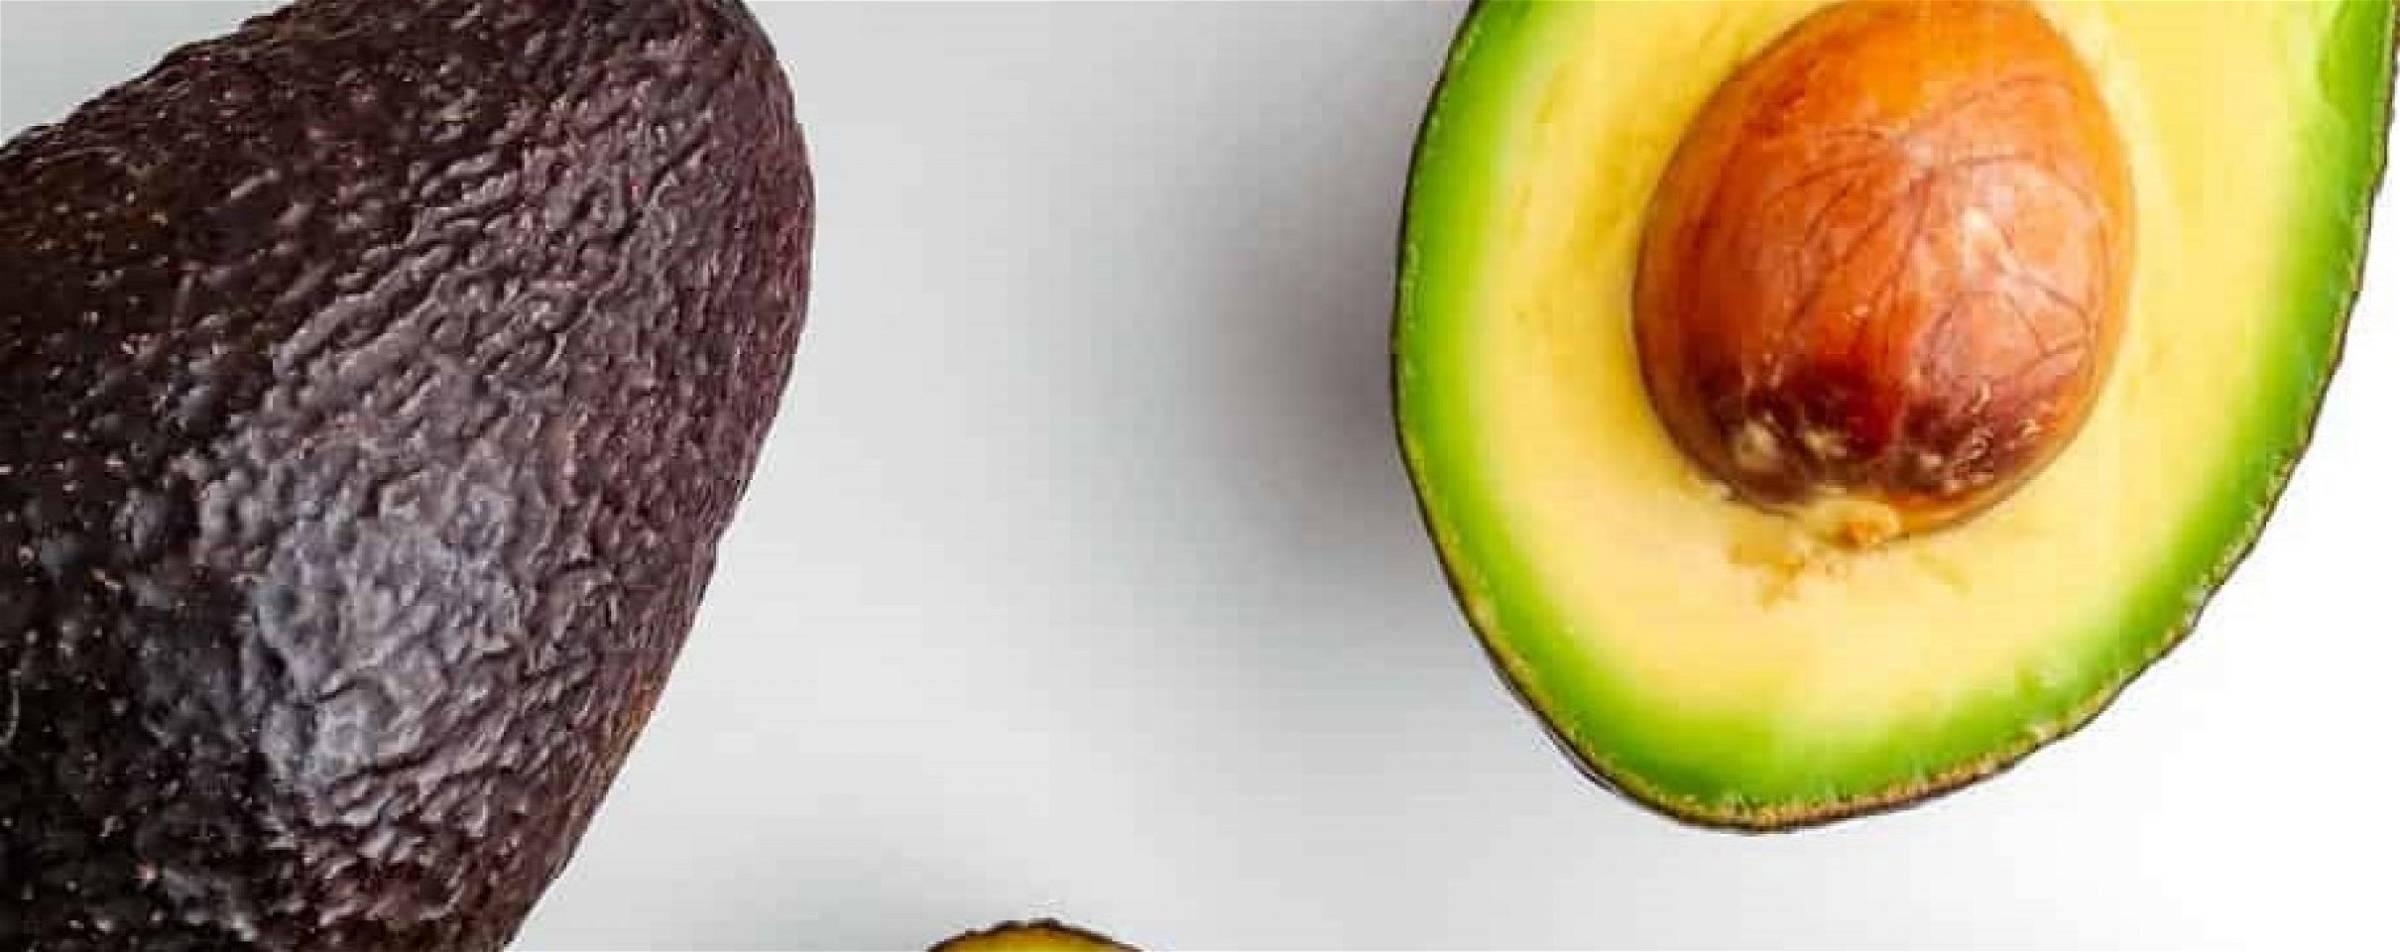 hoe gezond is avocado